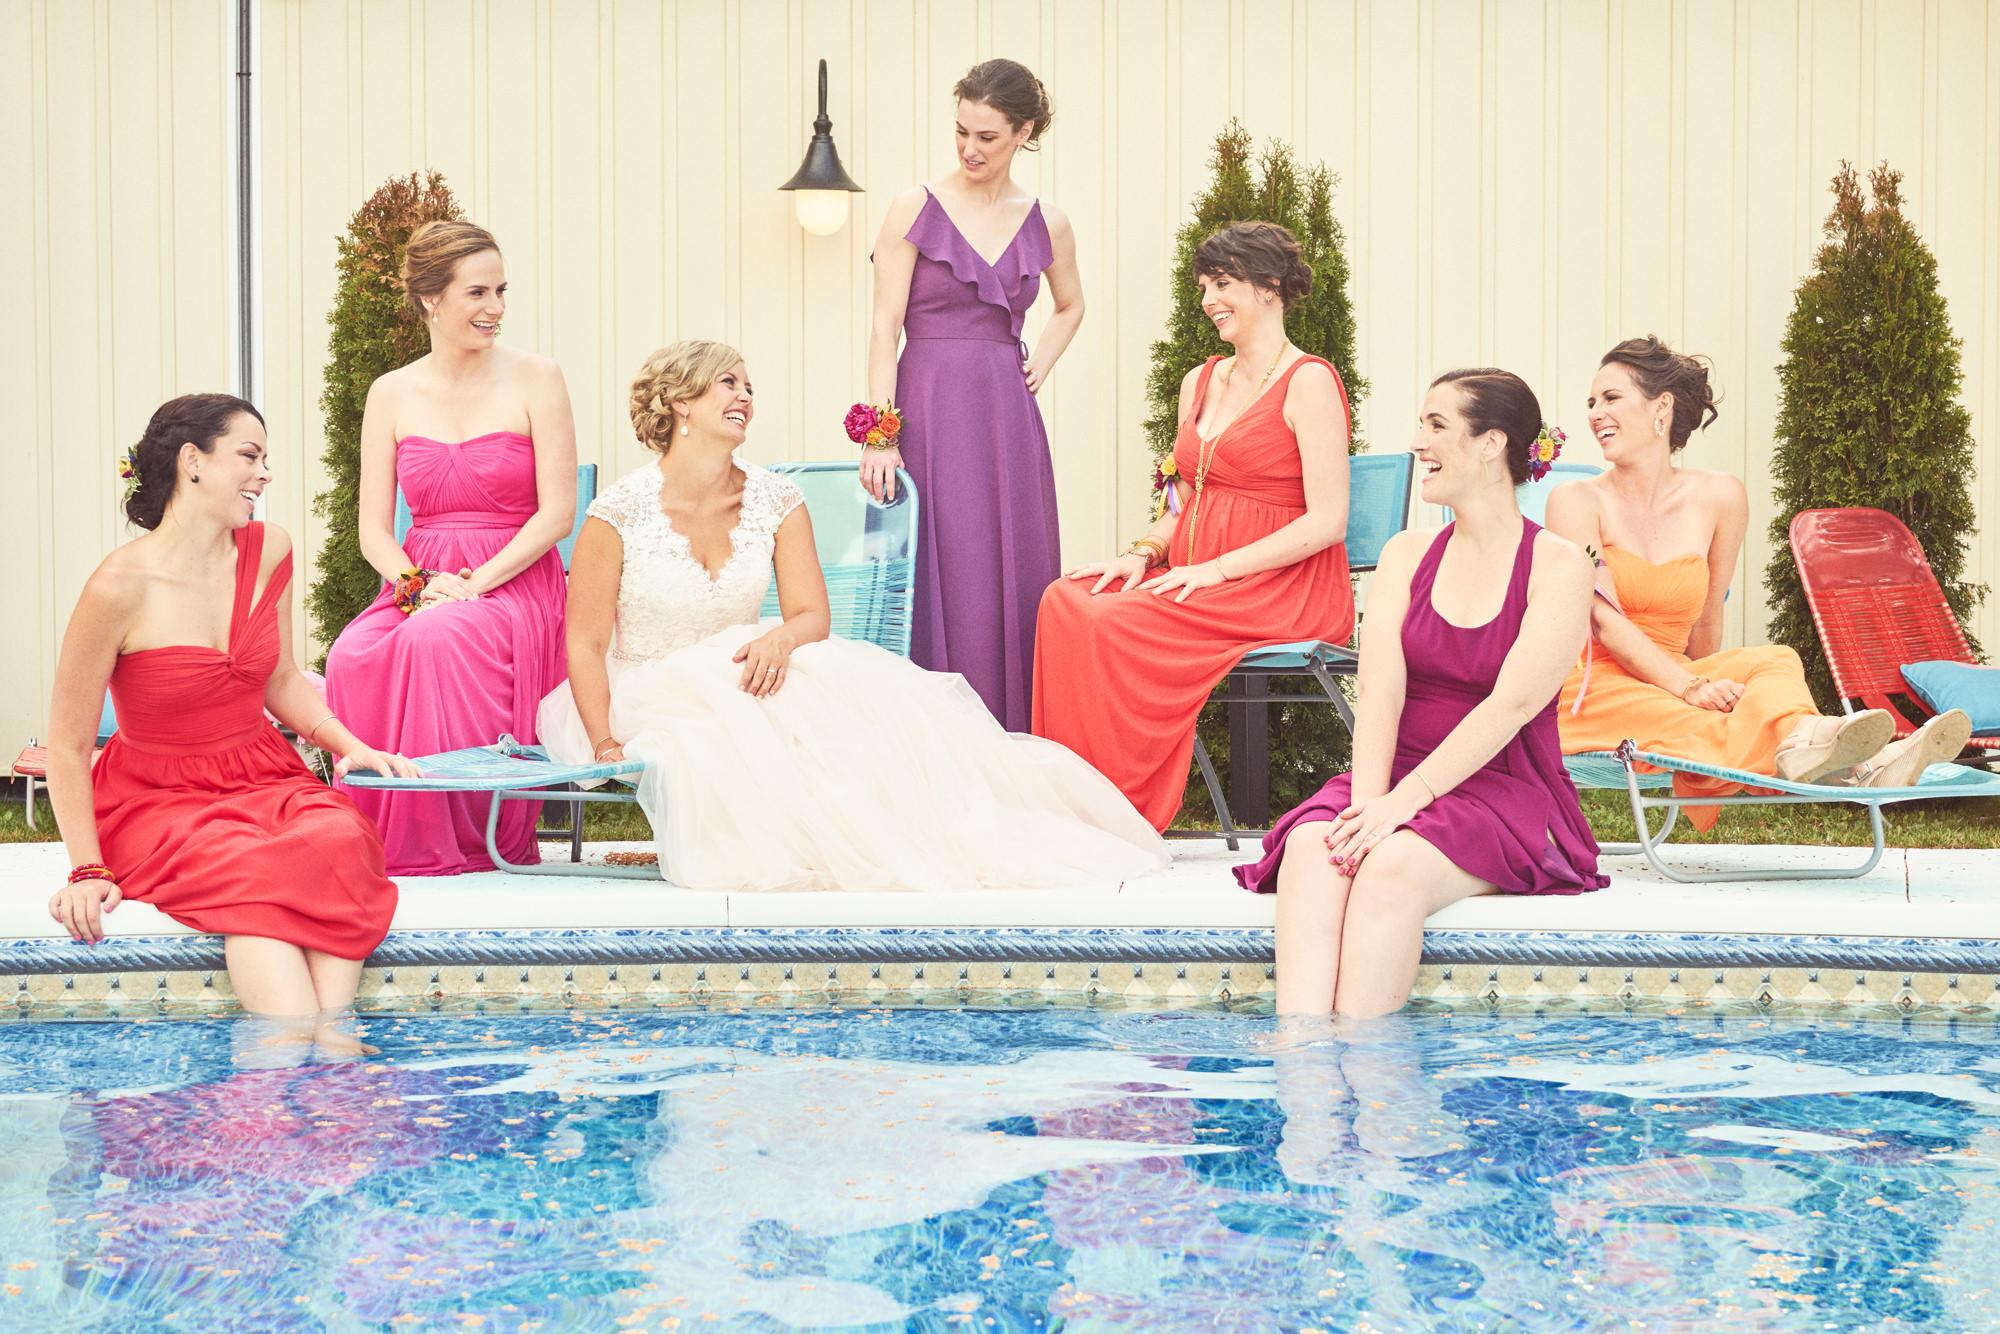 pool girls